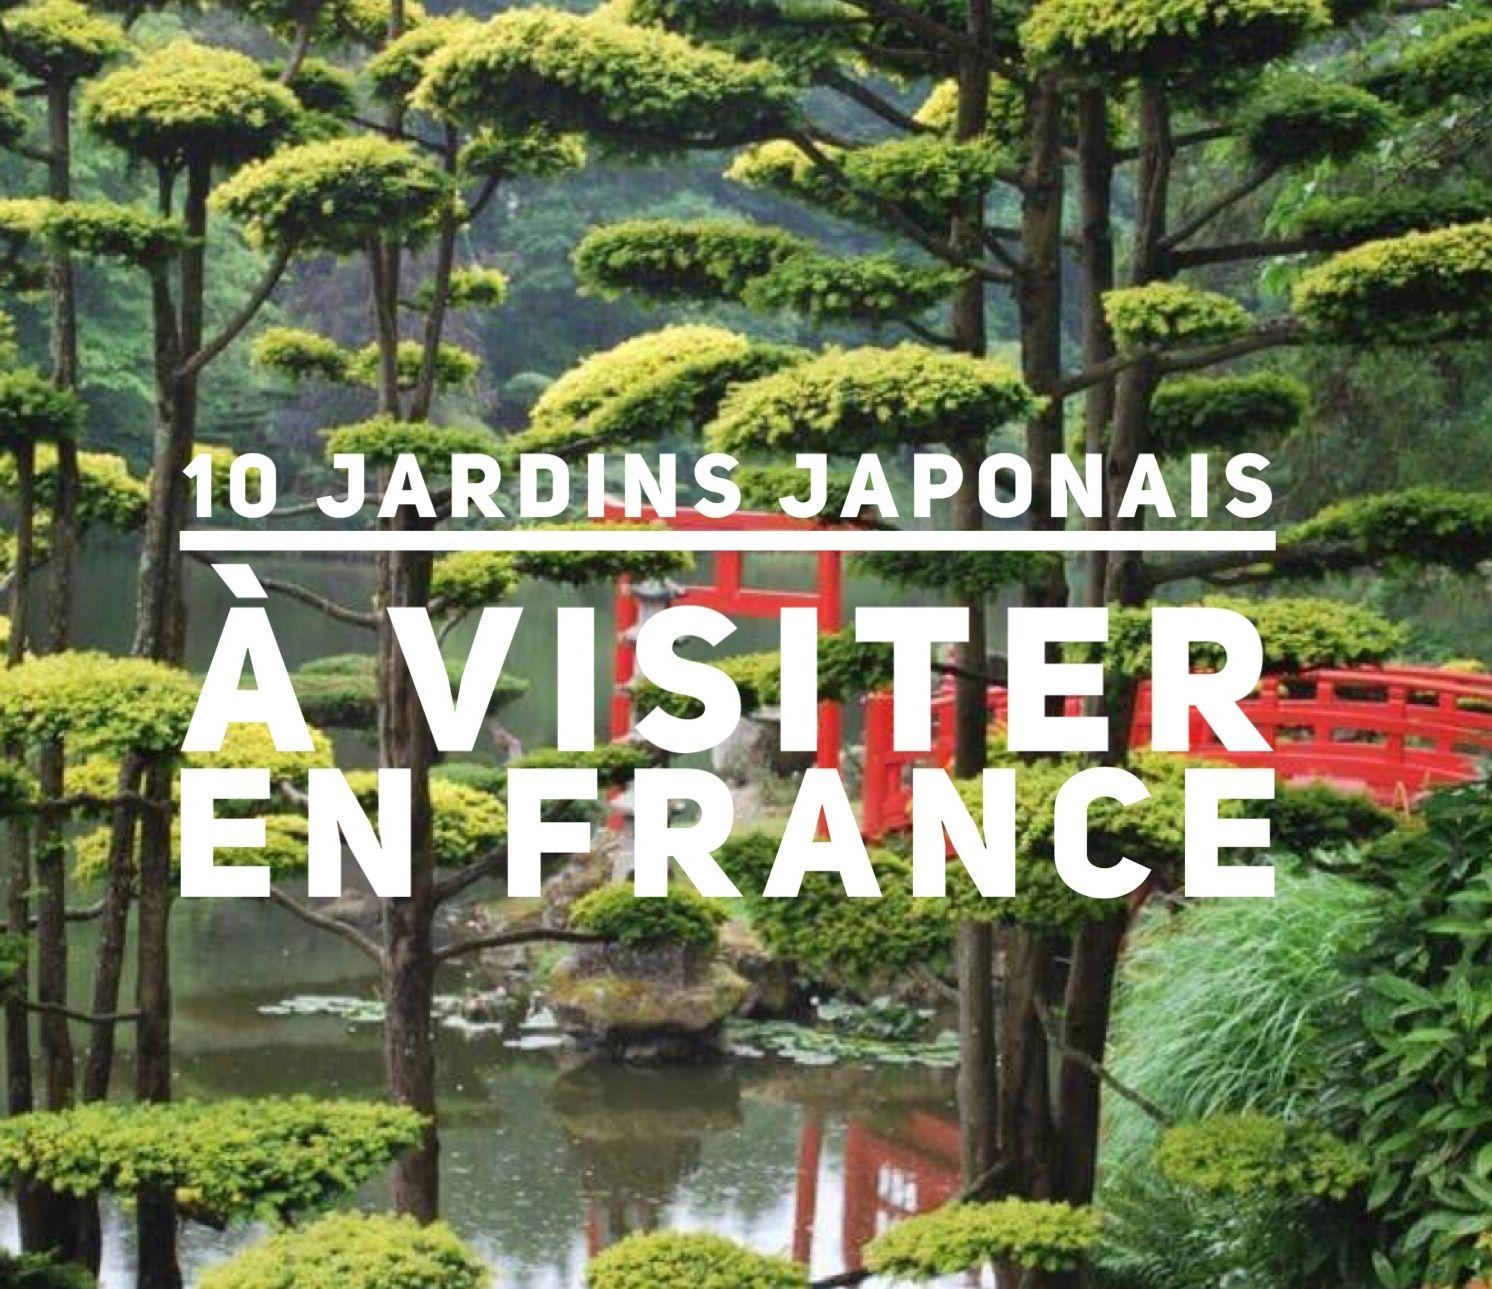 10 jardins japonais visiter en france jardin plantes. Black Bedroom Furniture Sets. Home Design Ideas